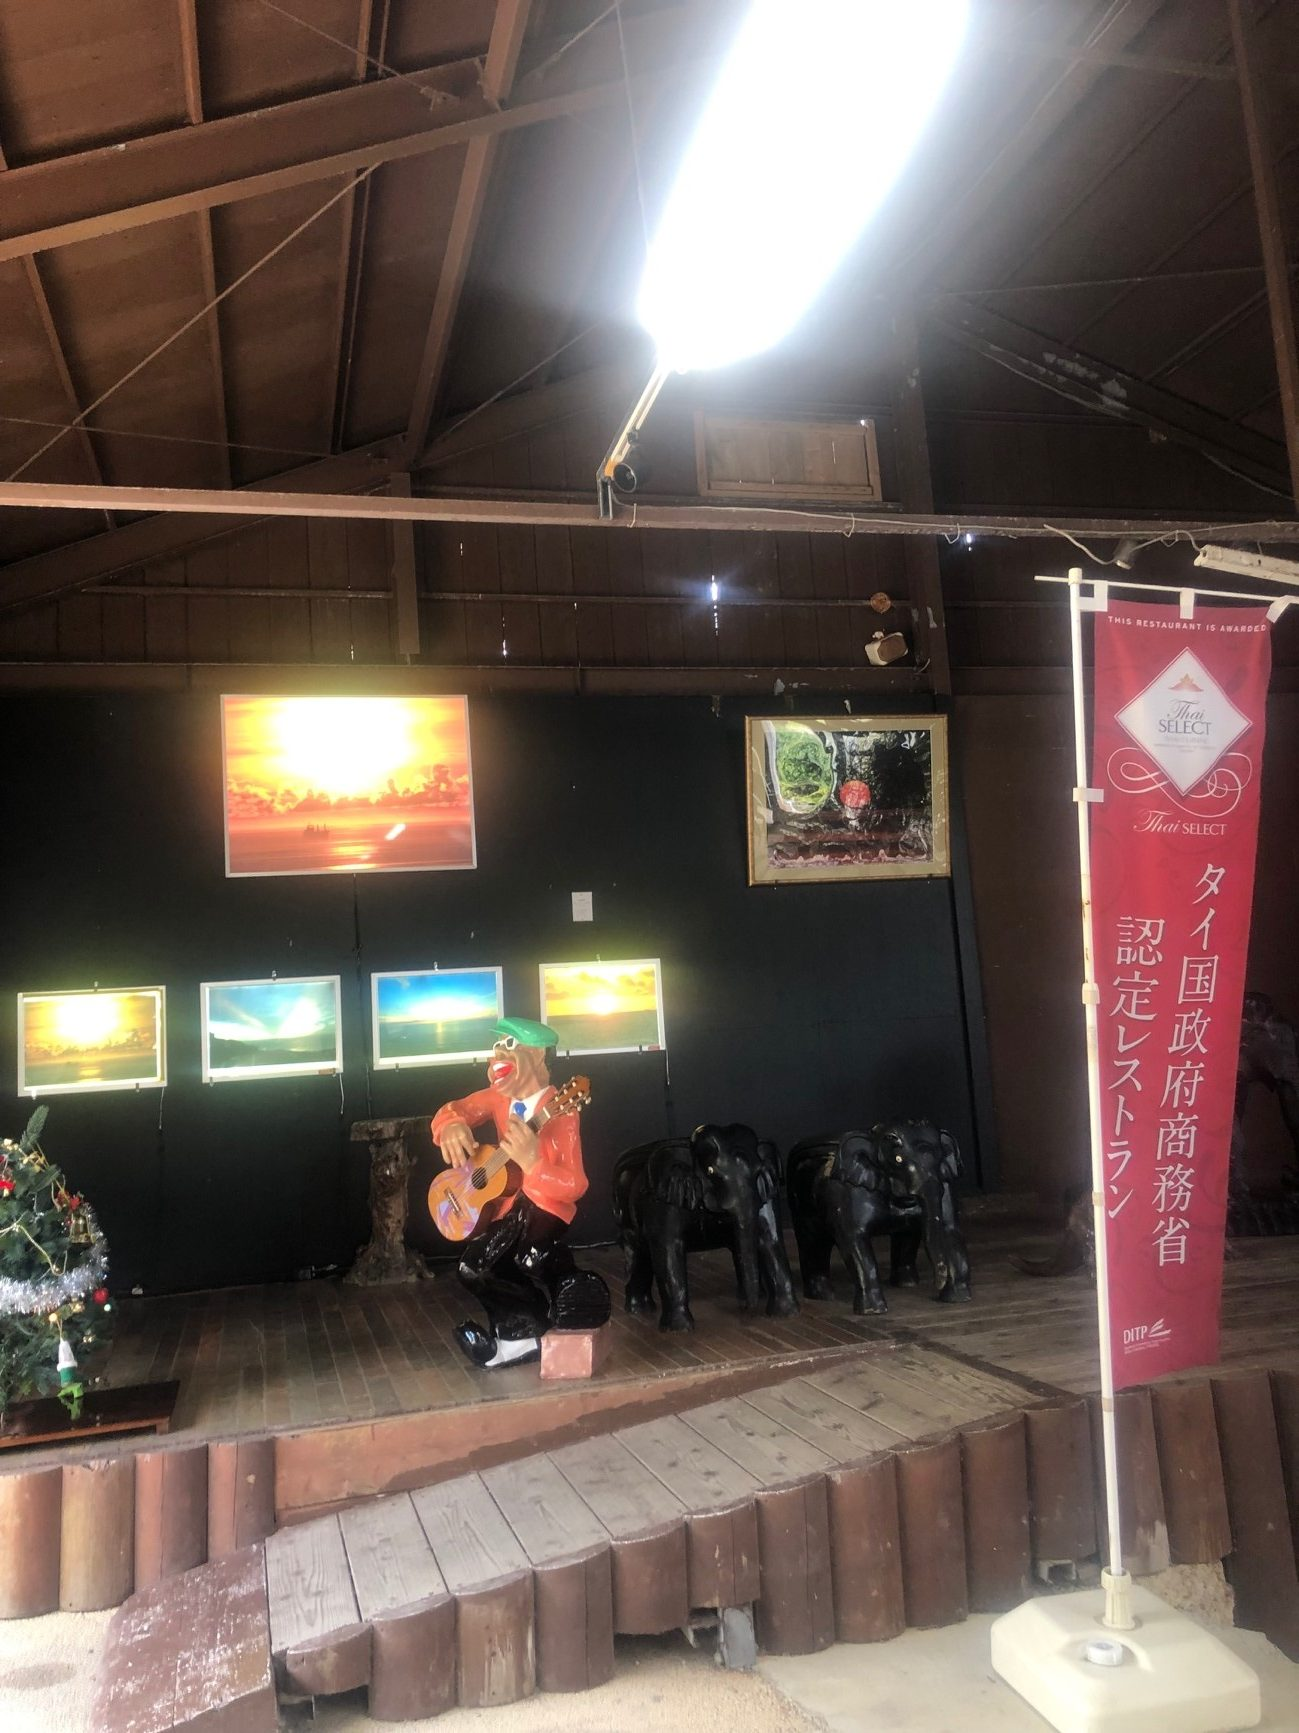 沖縄でも随一の絶景カフェ「カフェくるくま」タイ国政府商務省認定レストランの本格カレーが楽しめる